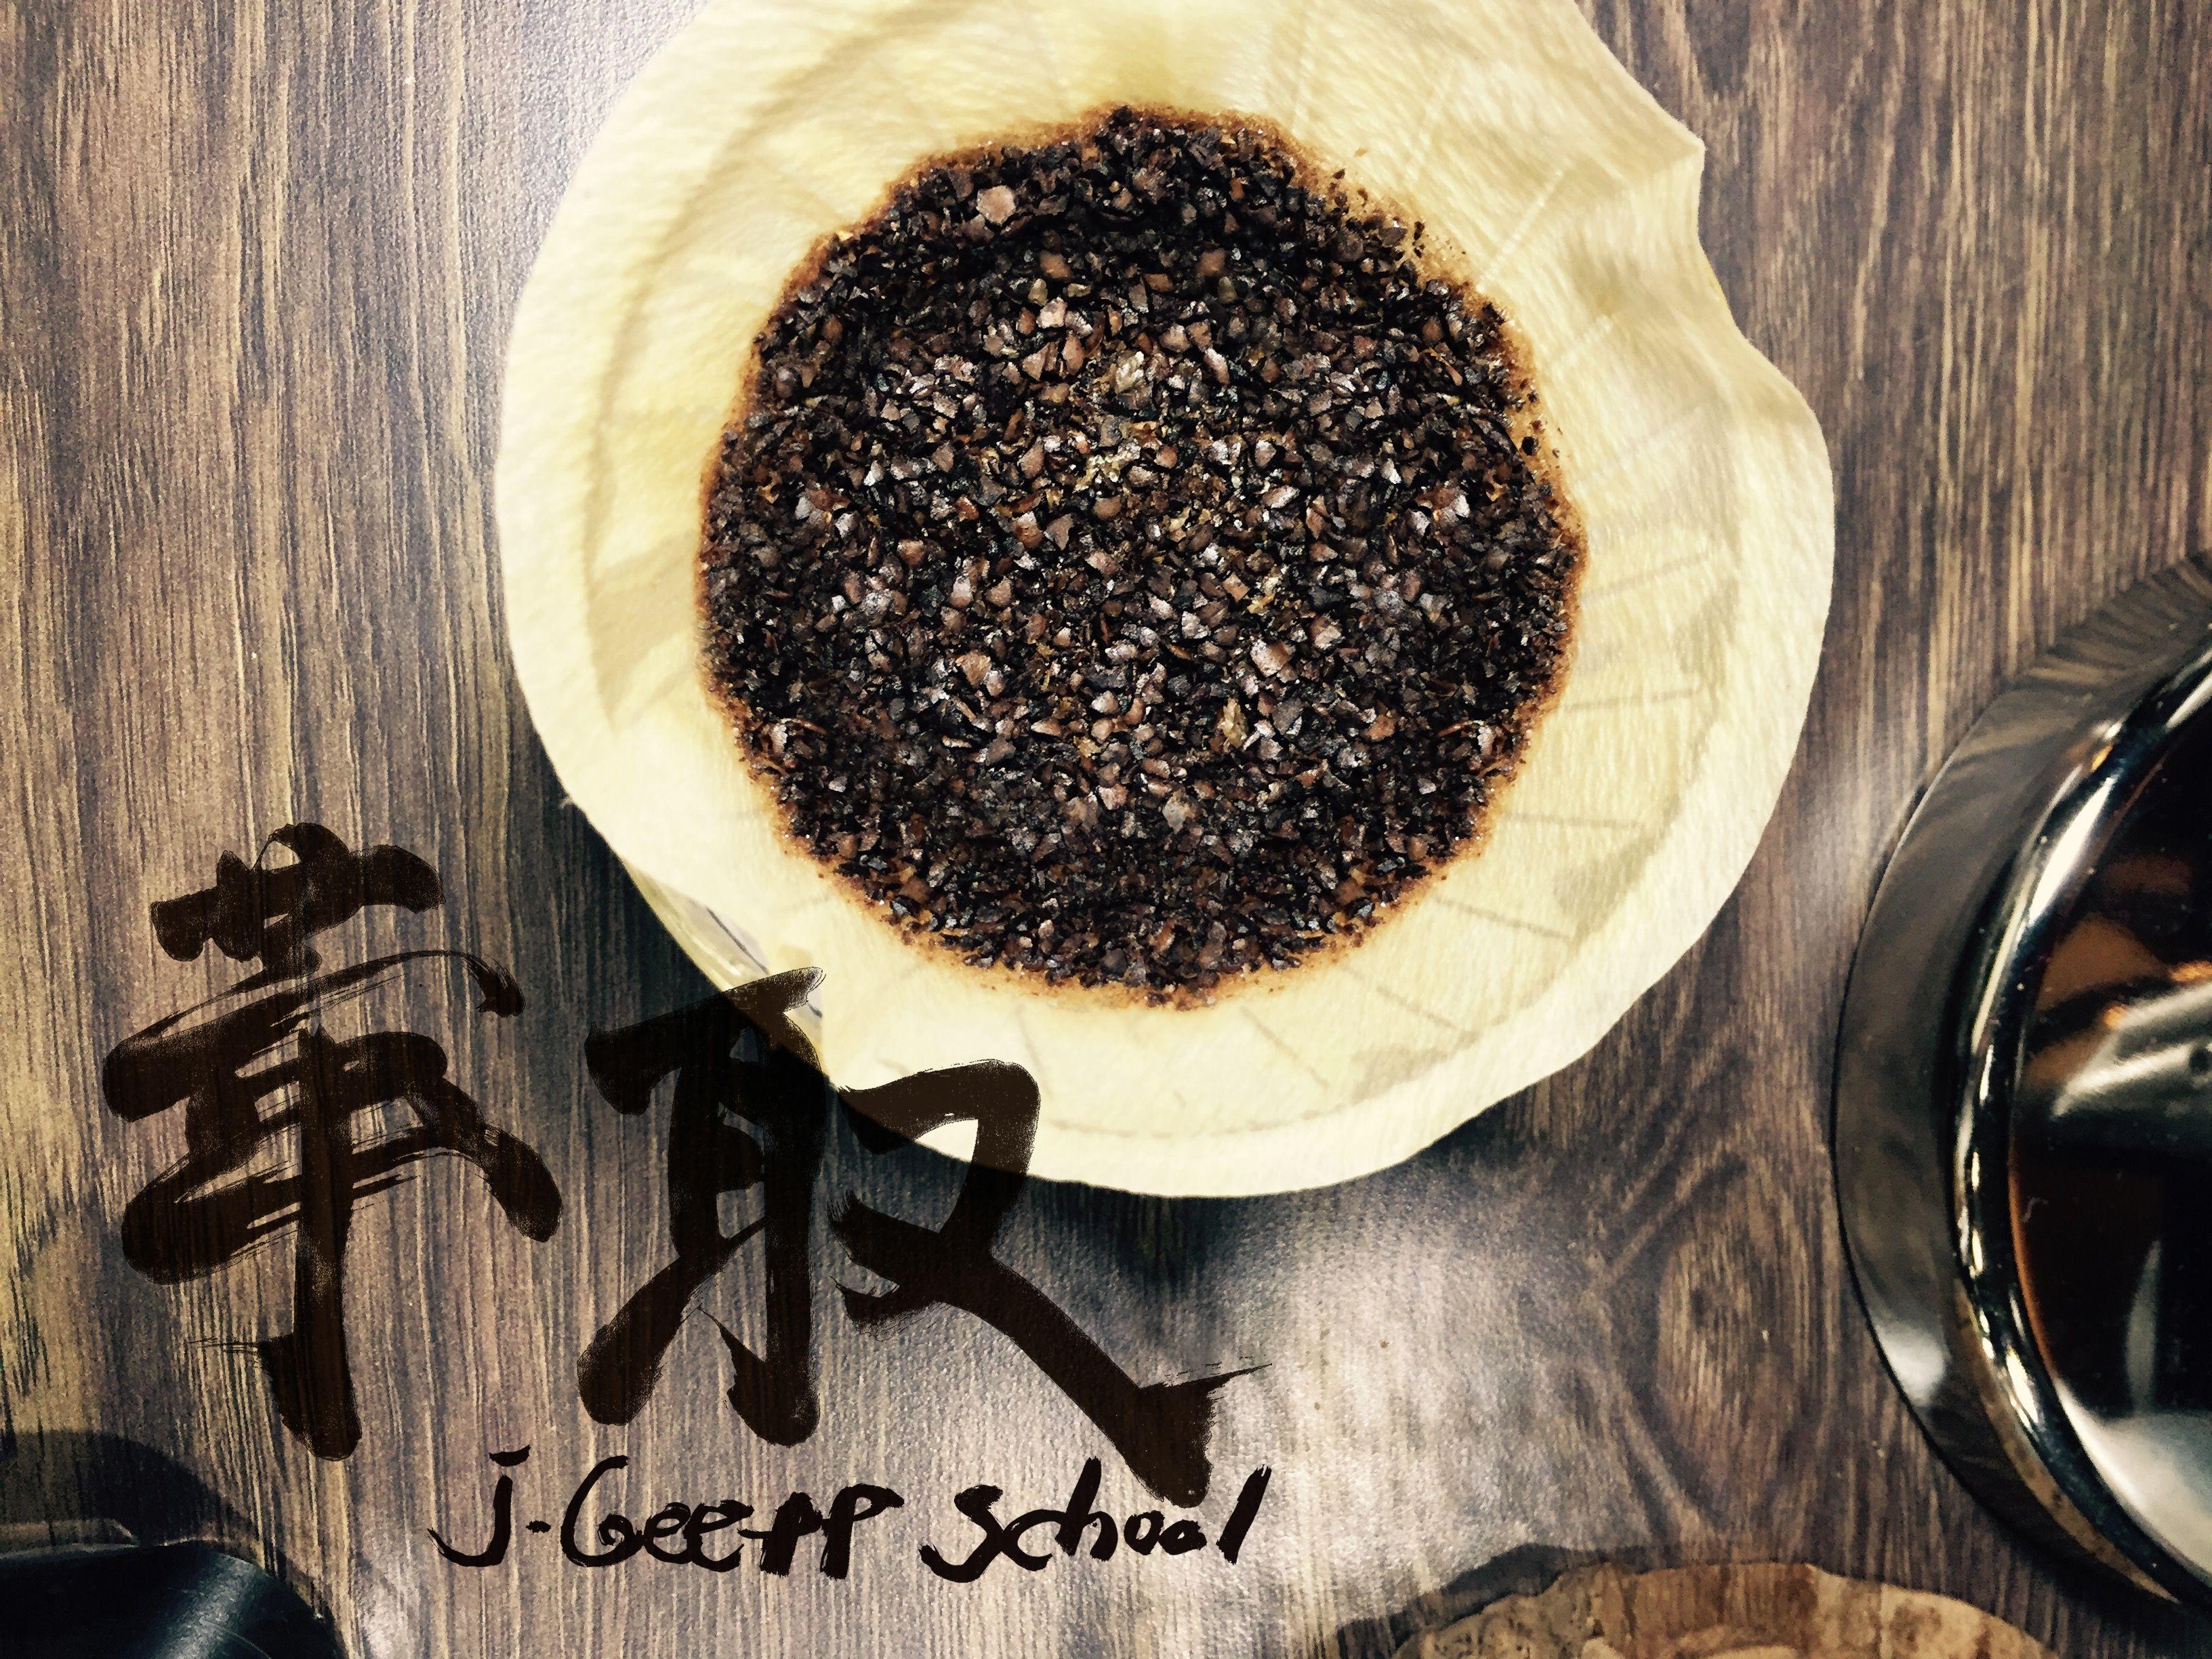 萃取 不只是咖啡的精華,更是咖啡師的經驗、技術及心性 !  www.sy-cafe.com/